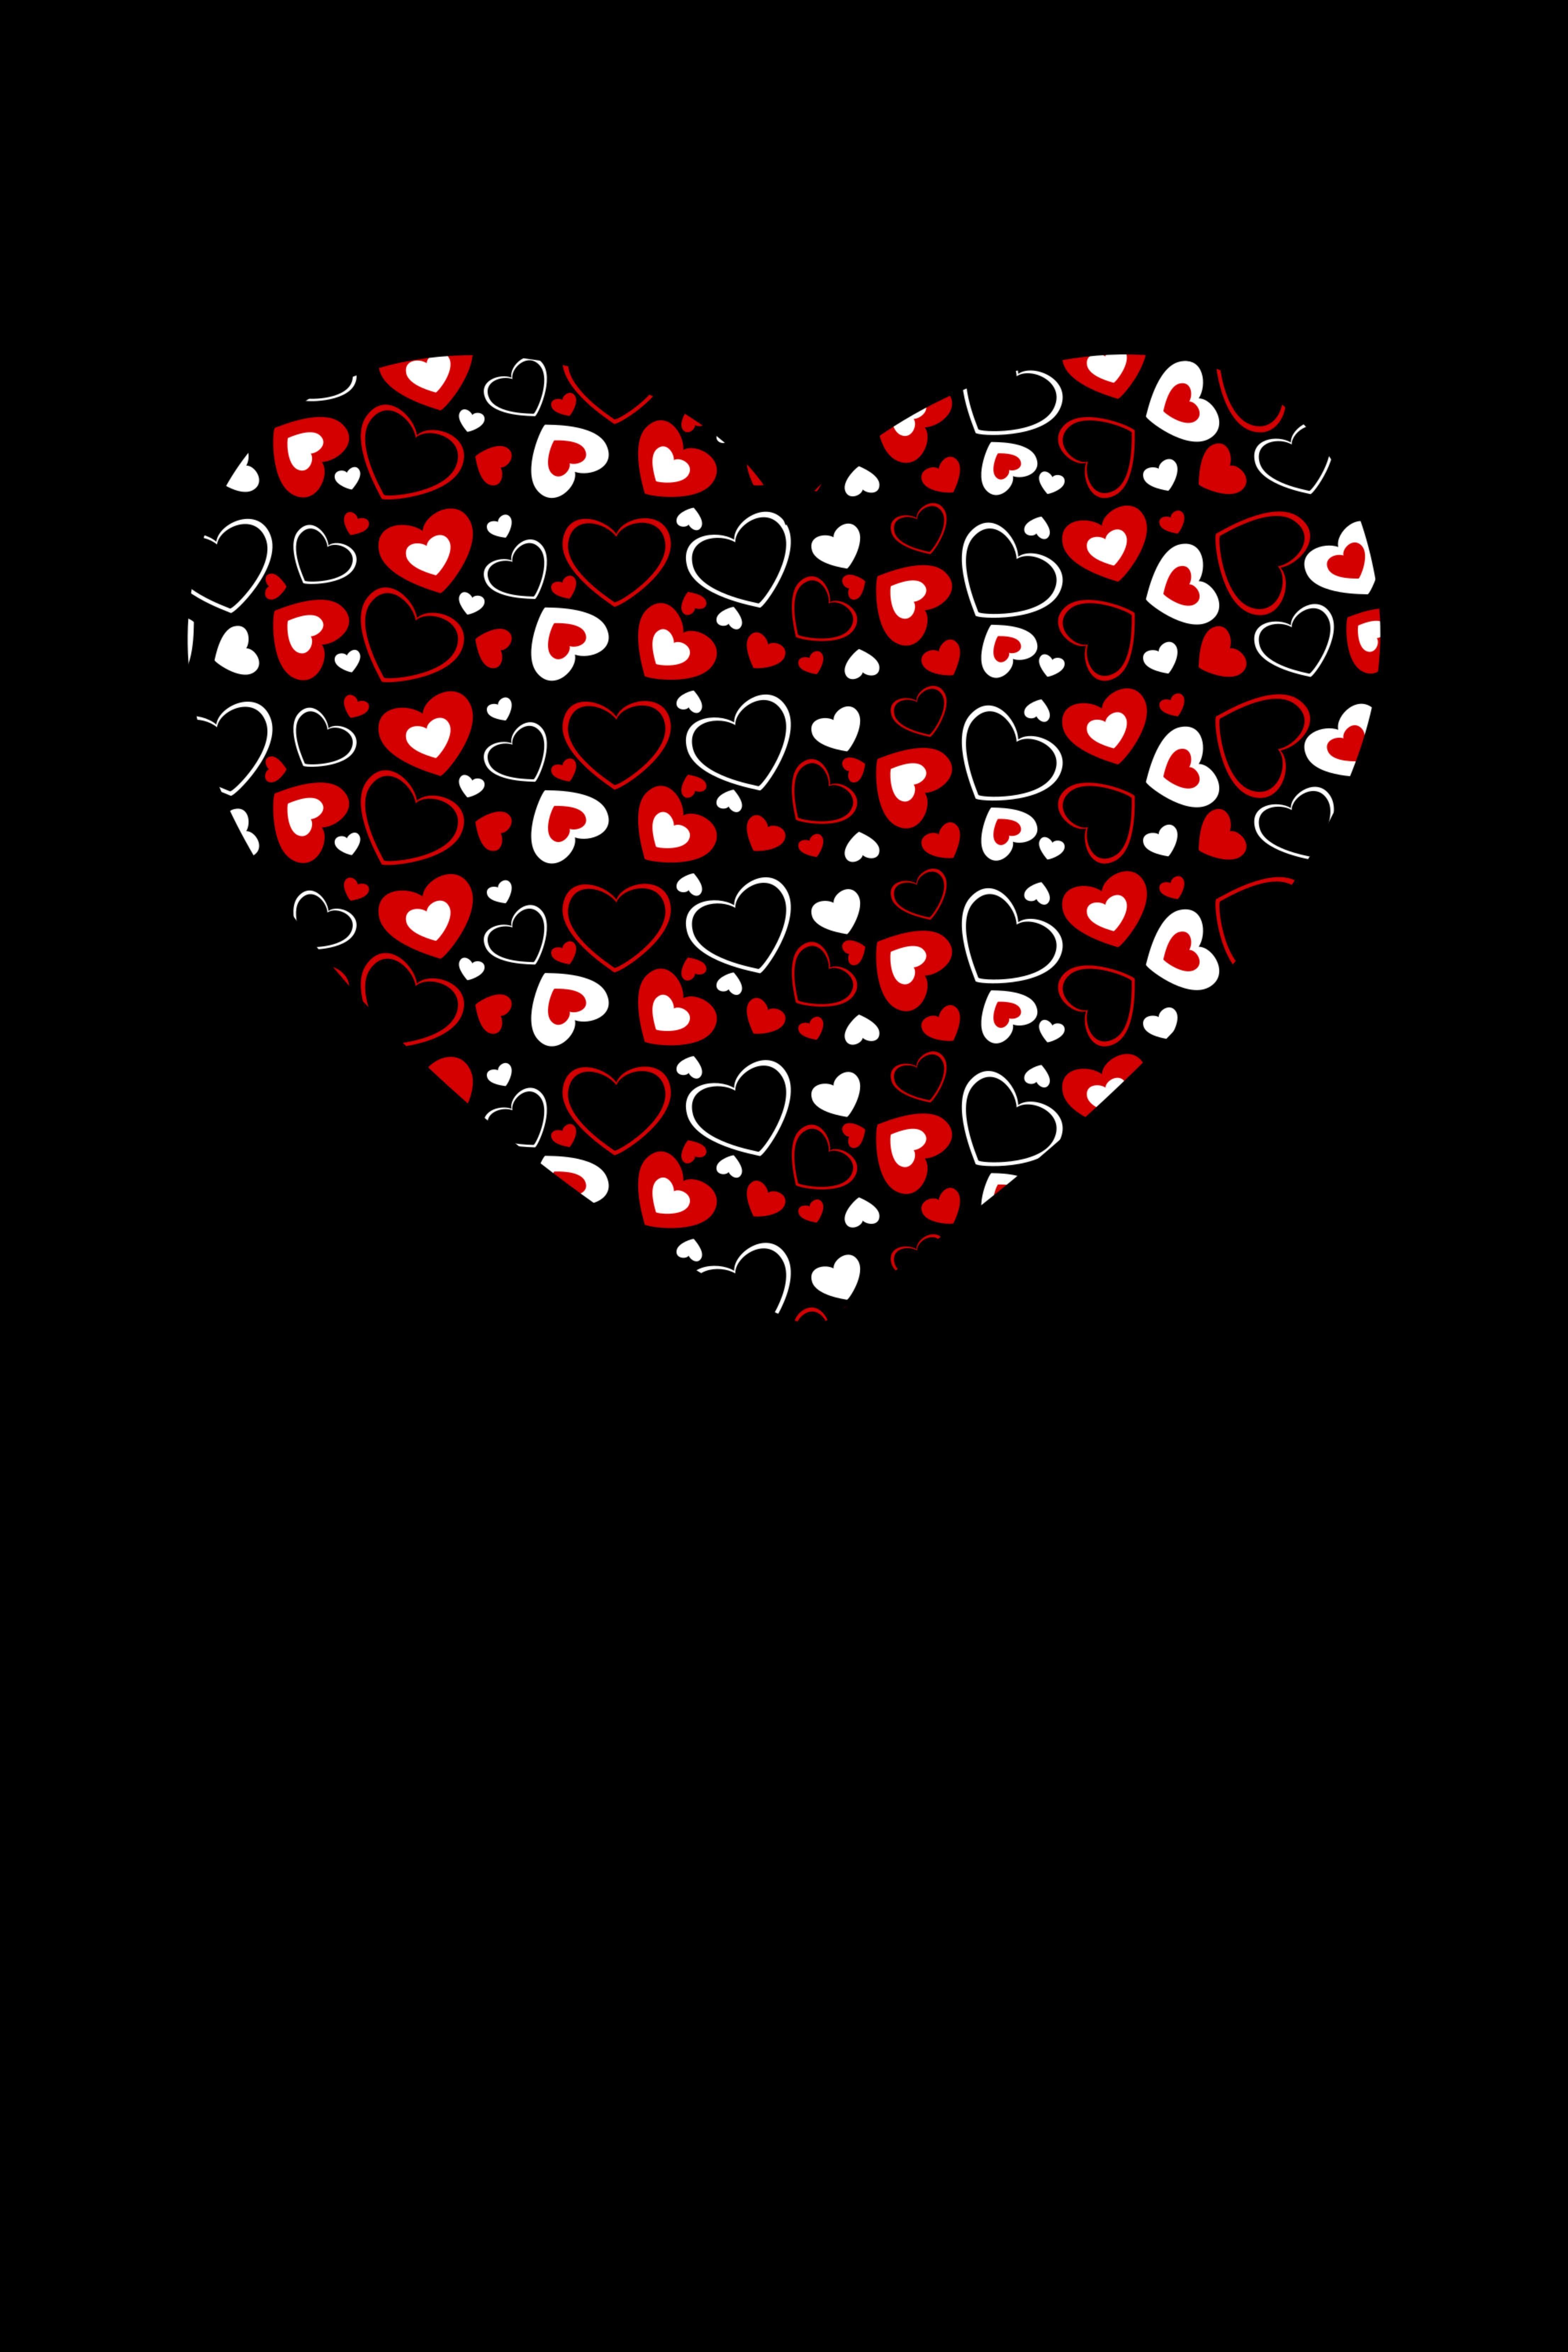 64851 Заставки и Обои Сердца на телефон. Скачать Сердца, Арт, Любовь, Темный, Сердце картинки бесплатно